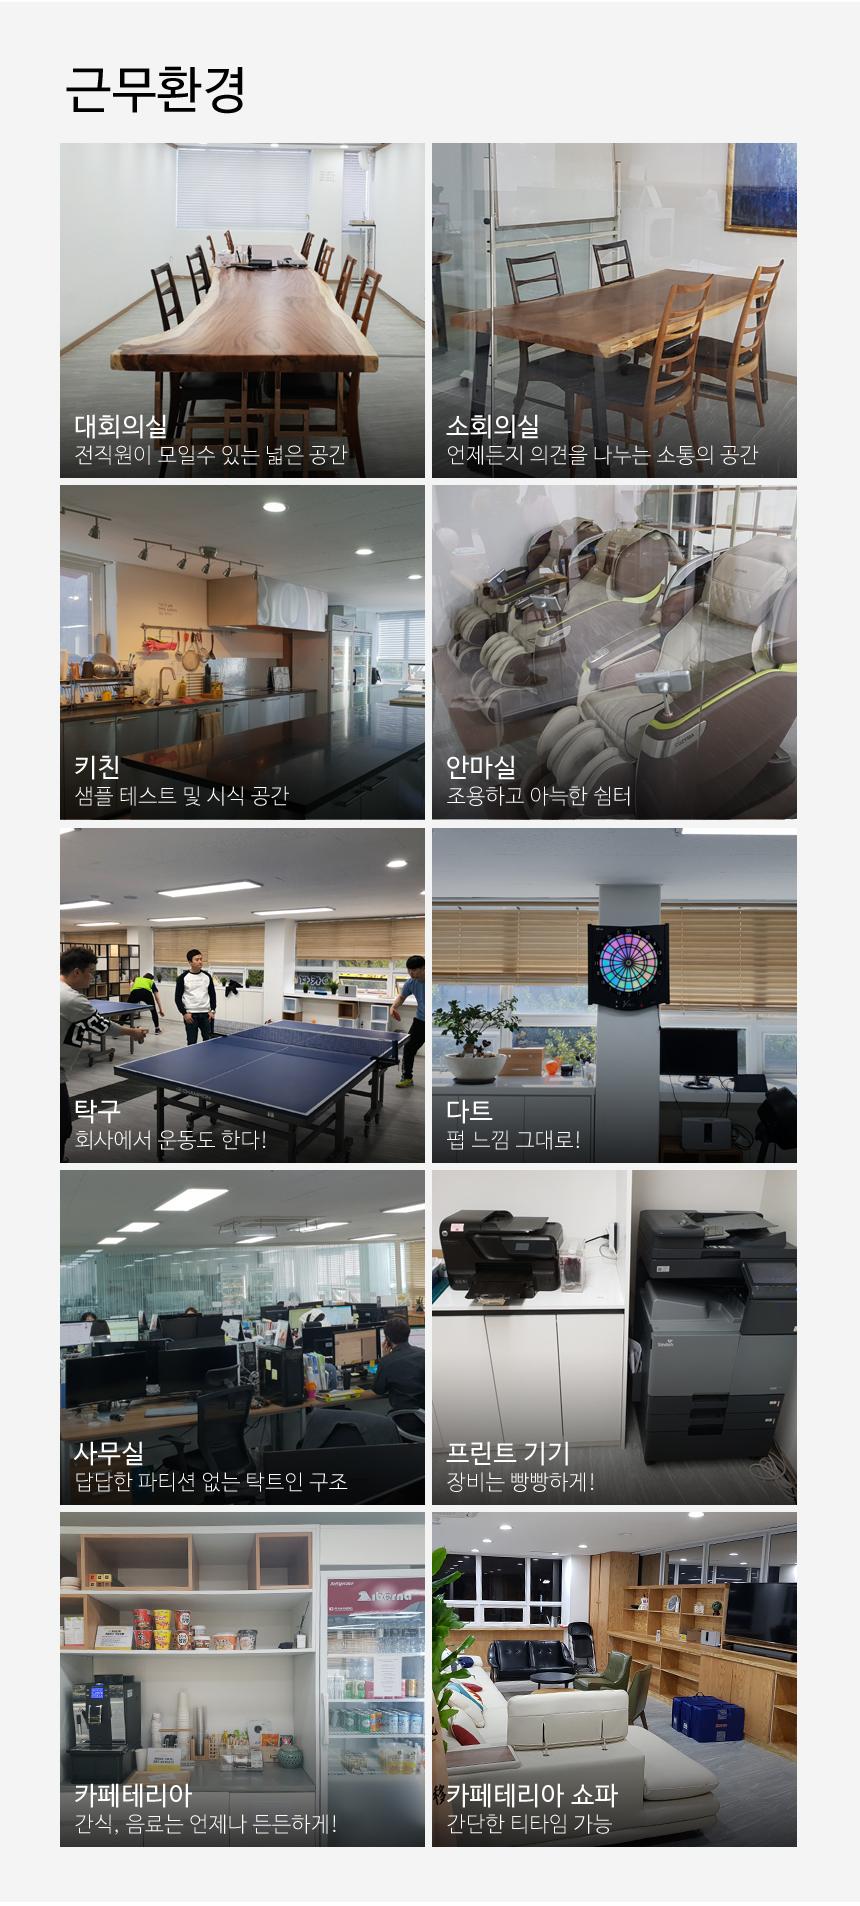 [㈜골드플레이트] 식품 쇼핑몰 운영 / 홍보 마케터 모집